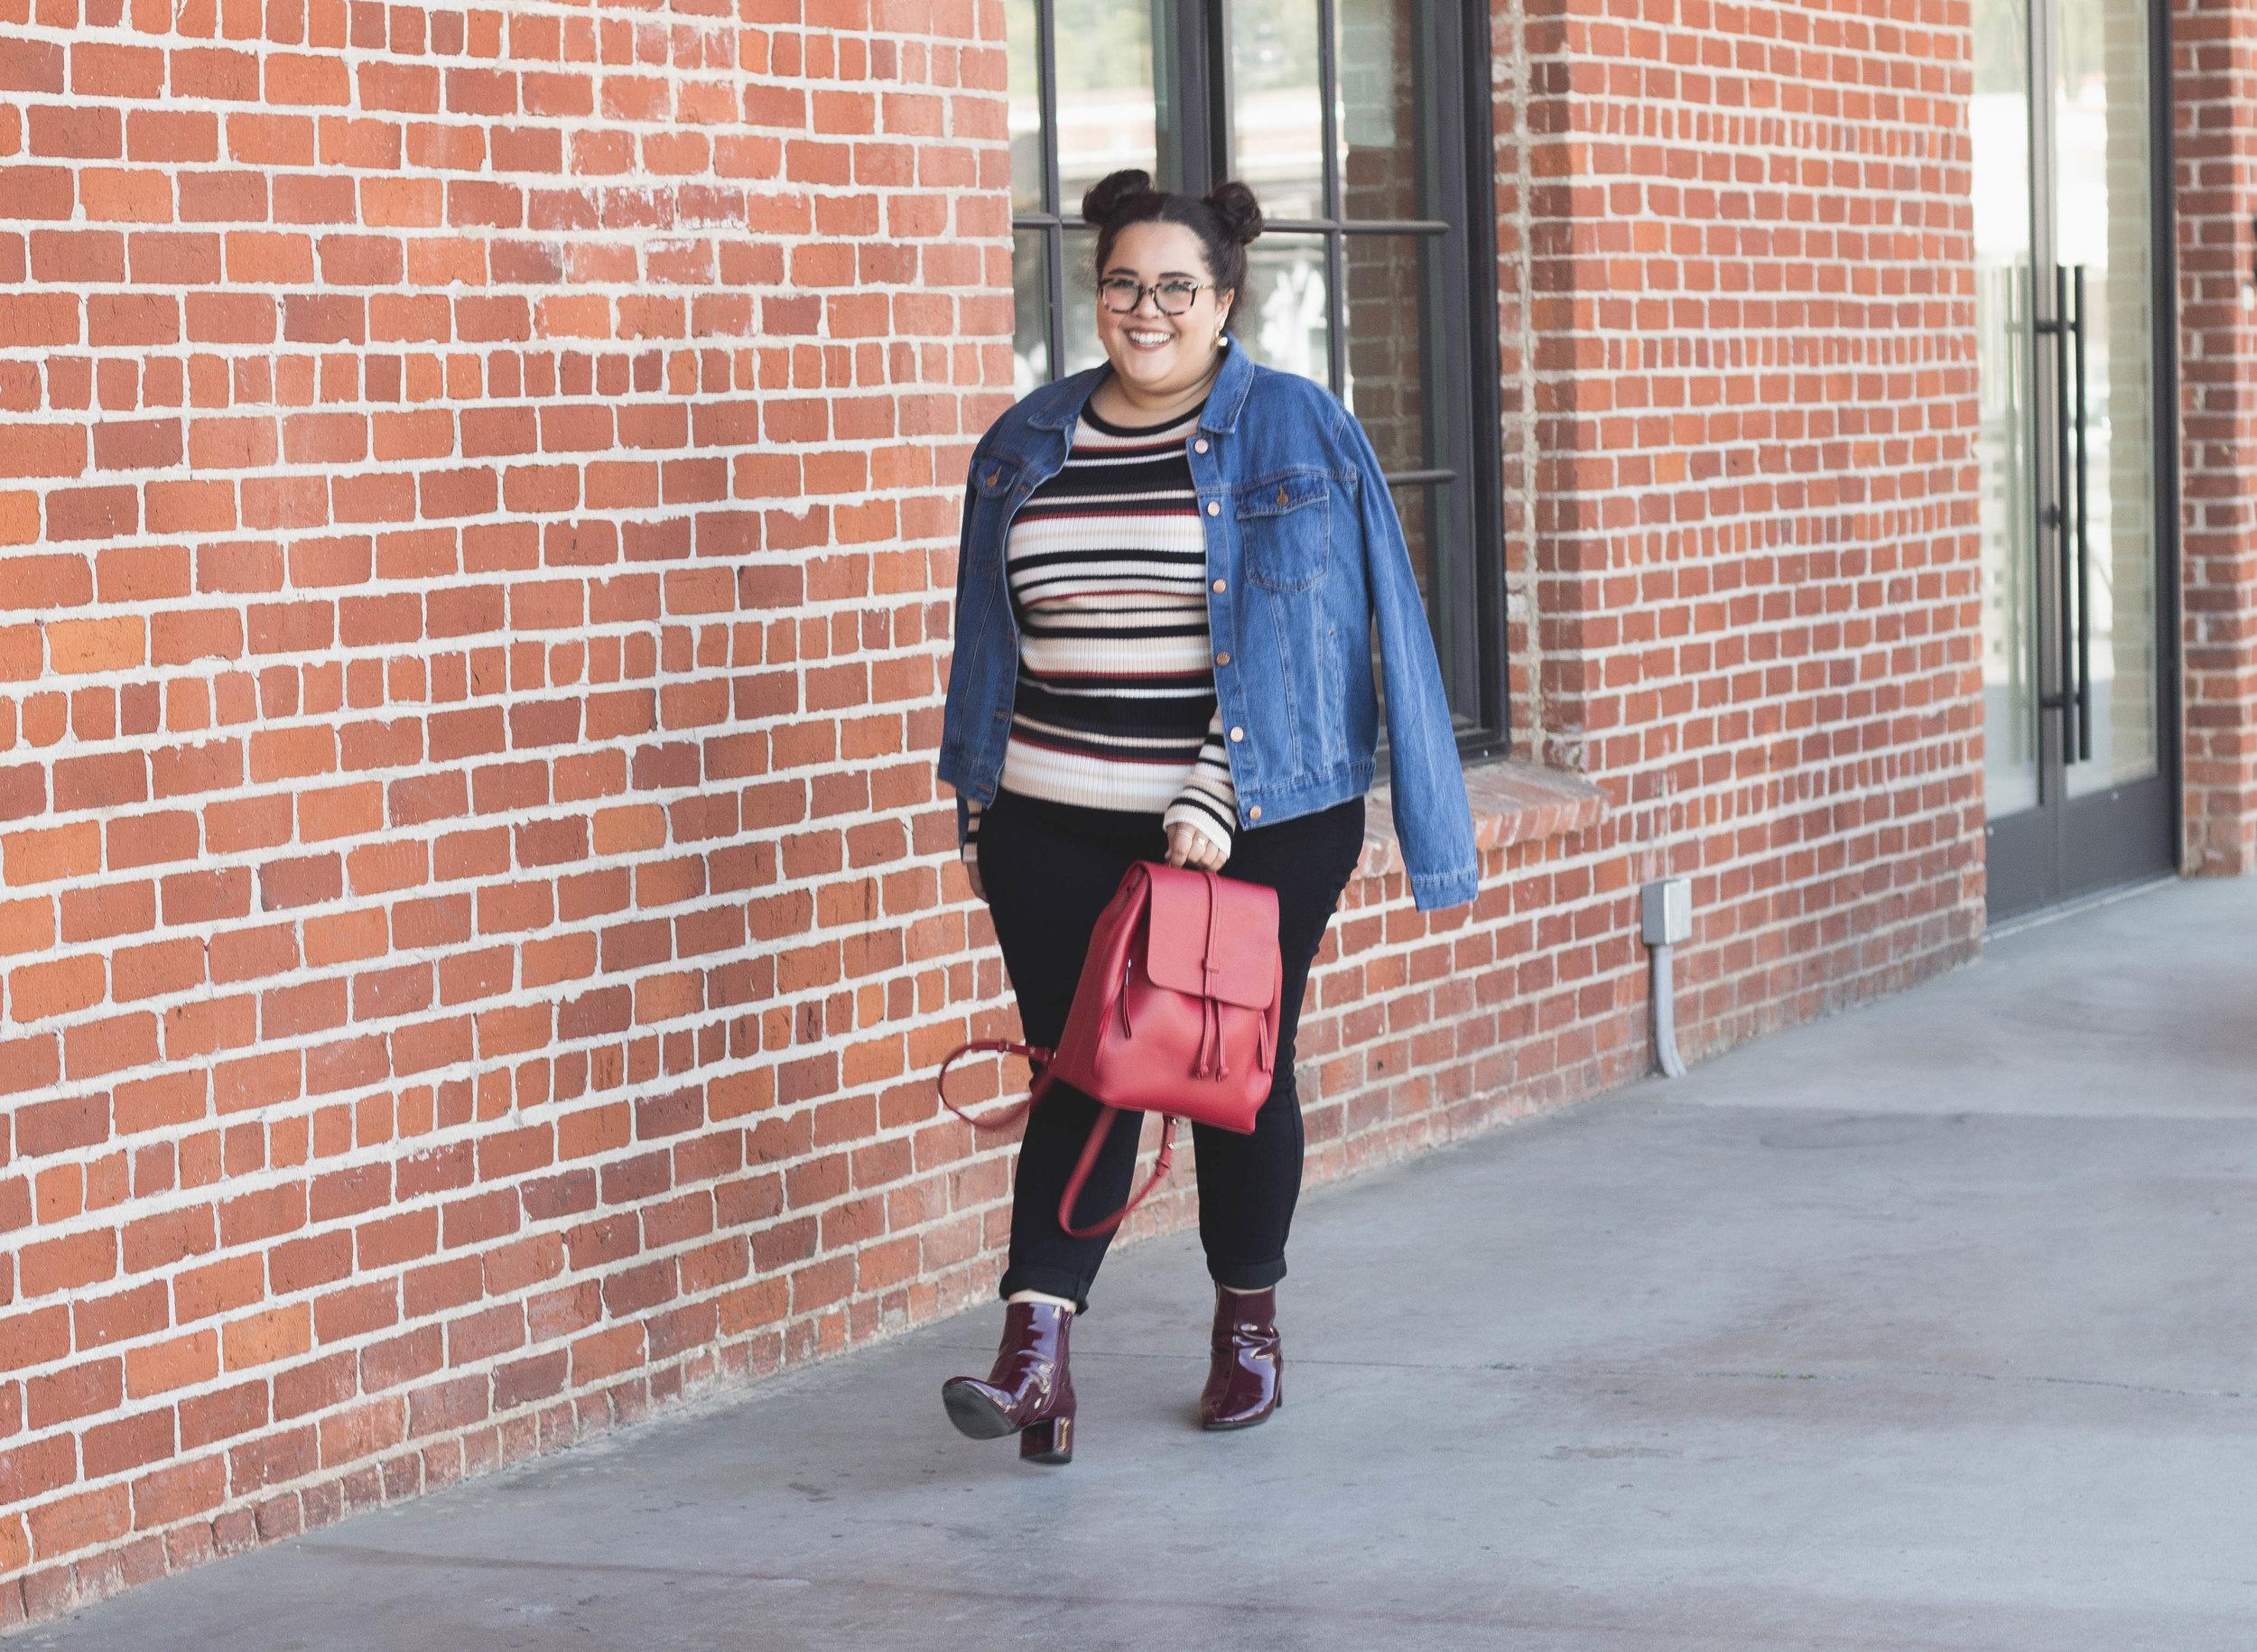 stripedsweaterredbackpack (7 of 27).jpg